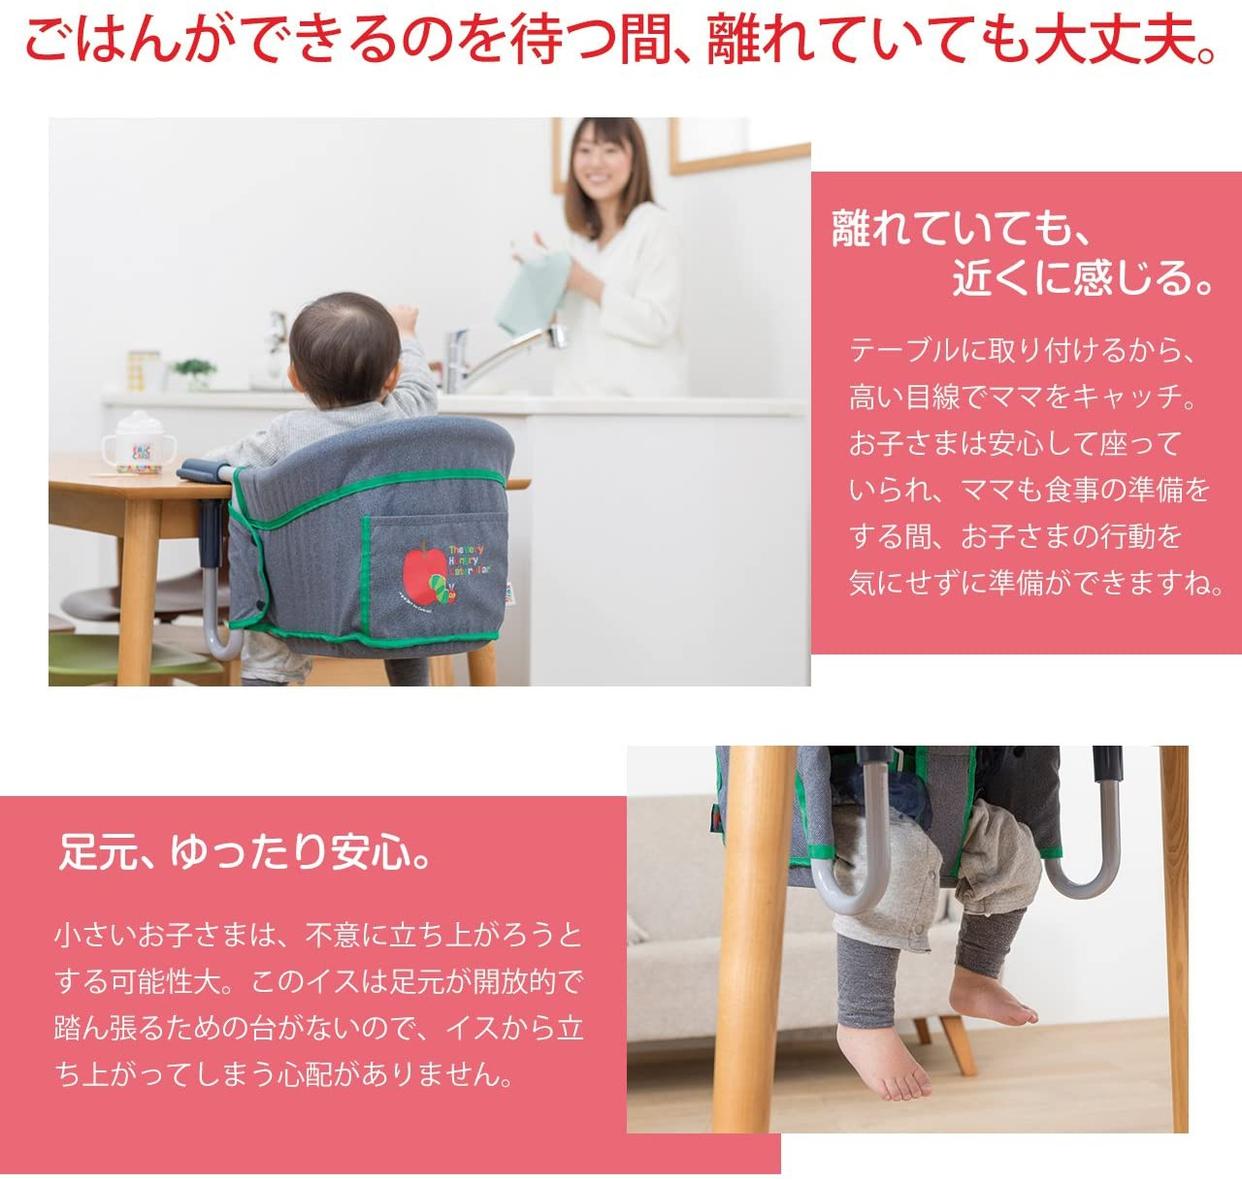 日本育児(nihon ikuji) はらぺこあおむし テーブルチェアの商品画像4